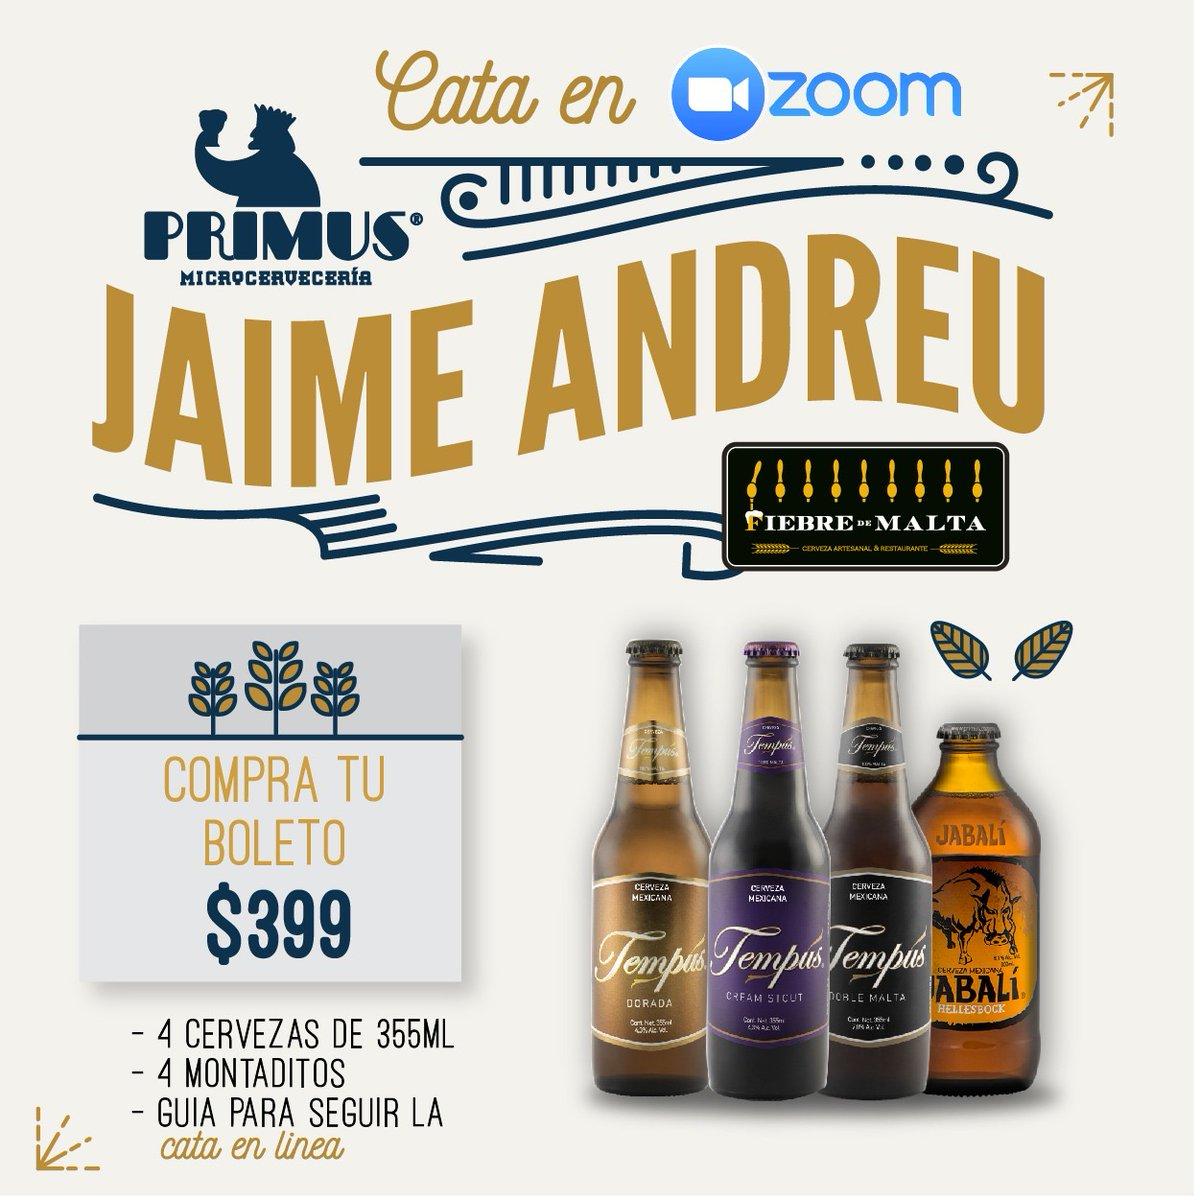 ¡Los extrañamos Fiebreceros! @PrimusJaime nos acompañara en una deliciosa degustacion virtual de montaditos y cervezas de @PrimusCervecera   Ordena tu boleto para obtener tú kit INBOX y pasemos un buen rato brindando Nosotros te cuidamos.#QuédateEnCasa  #CataVirtual pic.twitter.com/RbuMgDeLJd